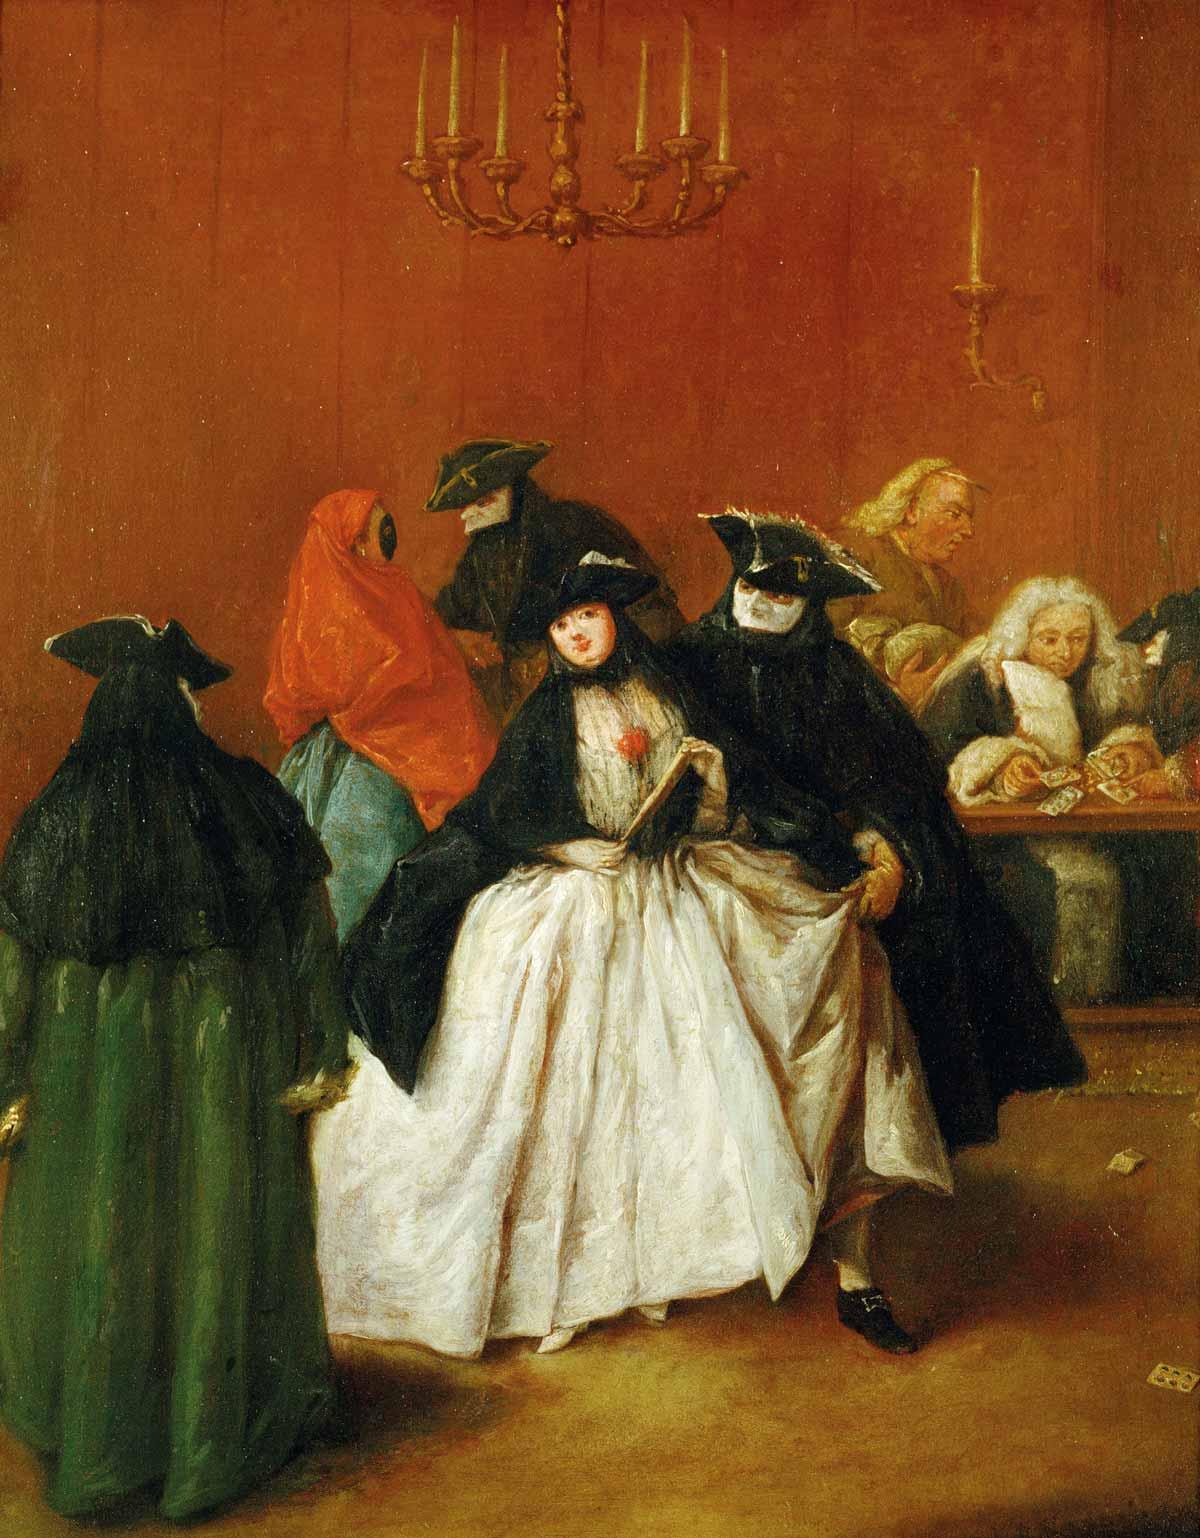 Escena de una fiesta privada en carnaval, en un Ridotto, donde se practican juegos de azar. Por Pietro Longhi (1701-1785), pintor costumbrista que reflejó con brillantez la vida cotidiana de Venecia en el siglo XVIII.